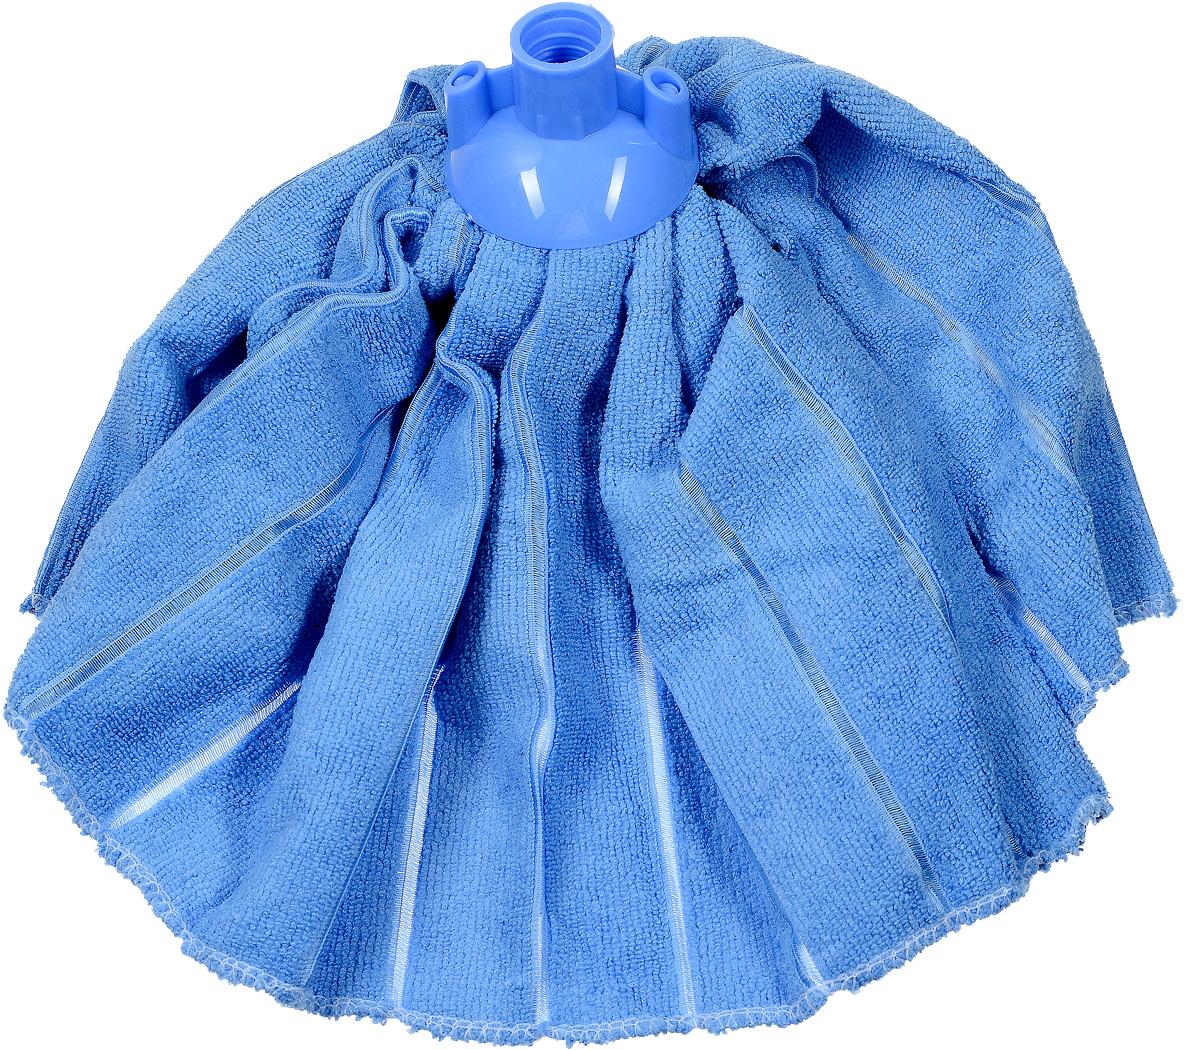 Насадка-юбка для швабры Home Queen, сменная, цвет: голубой58031Сменная насадка для швабры Home Queen изготовлена из микрофибры и пластика. Микрофибра обладает высокой износостойкостью, не царапает поверхности и отлично впитывает влагу. Насадка отлично удаляет большинство жирных и маслянистых загрязнений без использования химических веществ. Насадка идеально подходит для мытья всех типов напольных покрытий. Она не оставляет разводов и ворсинок. Сменная насадка для швабры Home Queen станет незаменимой в хозяйстве.Длина: 32 см.Диаметр по нижнему краю: 46 см.